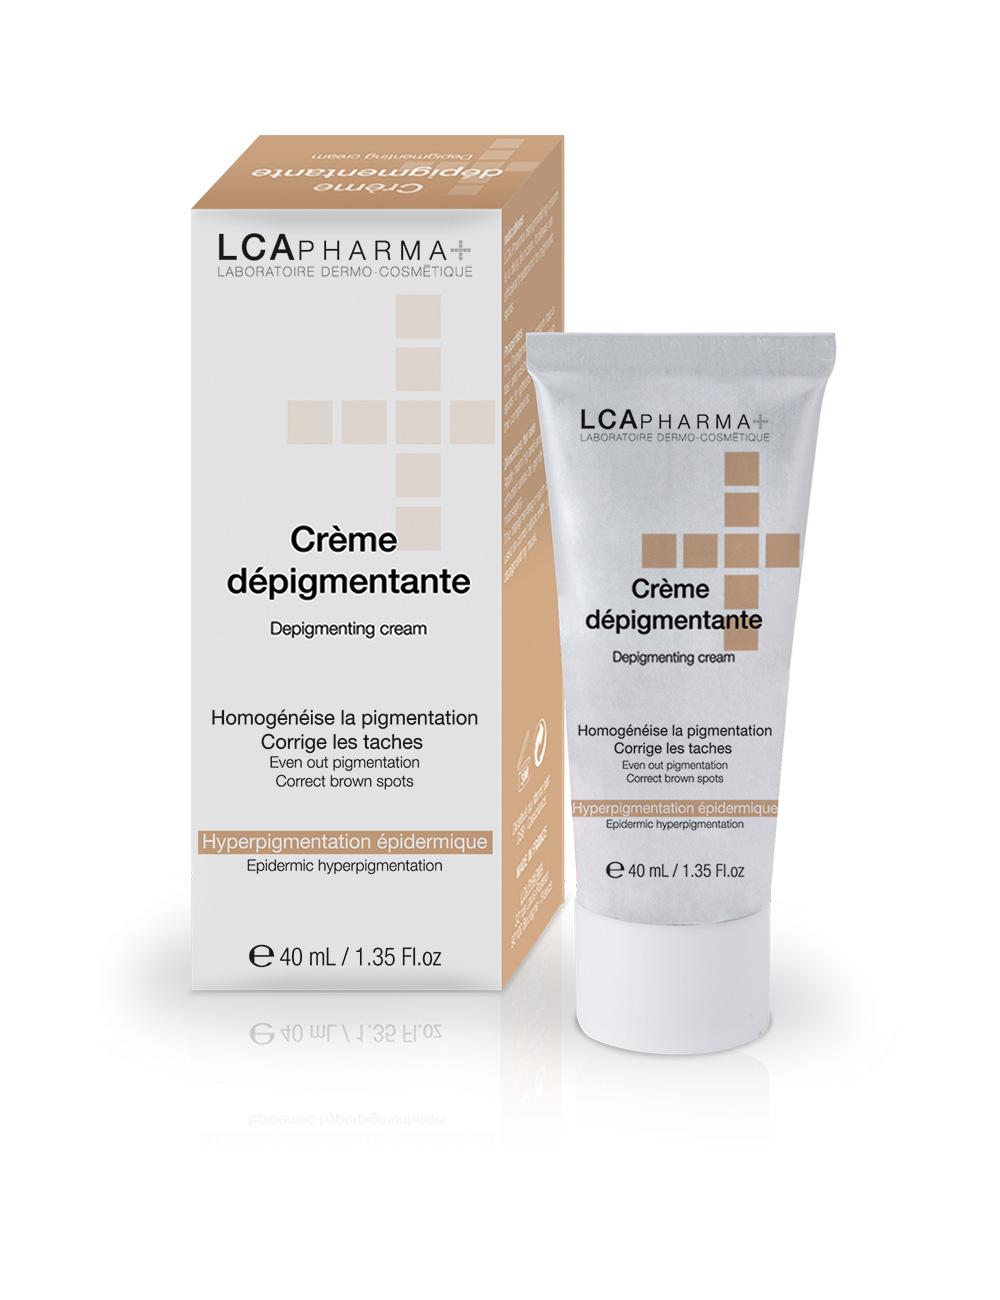 Crème dépigmentante